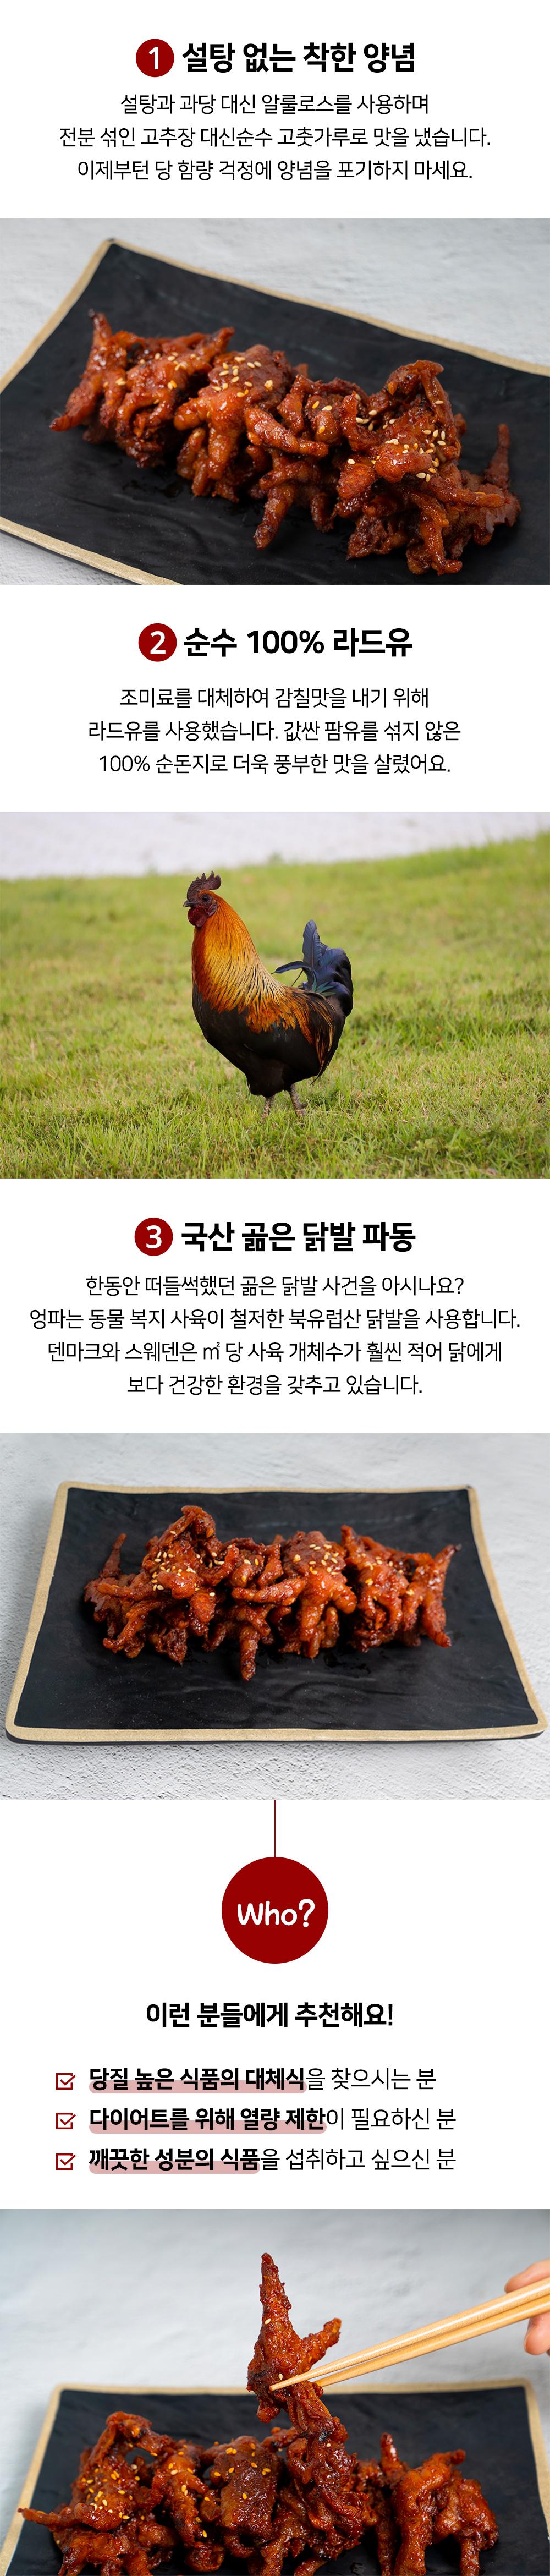 무뼈닭발3.jpg